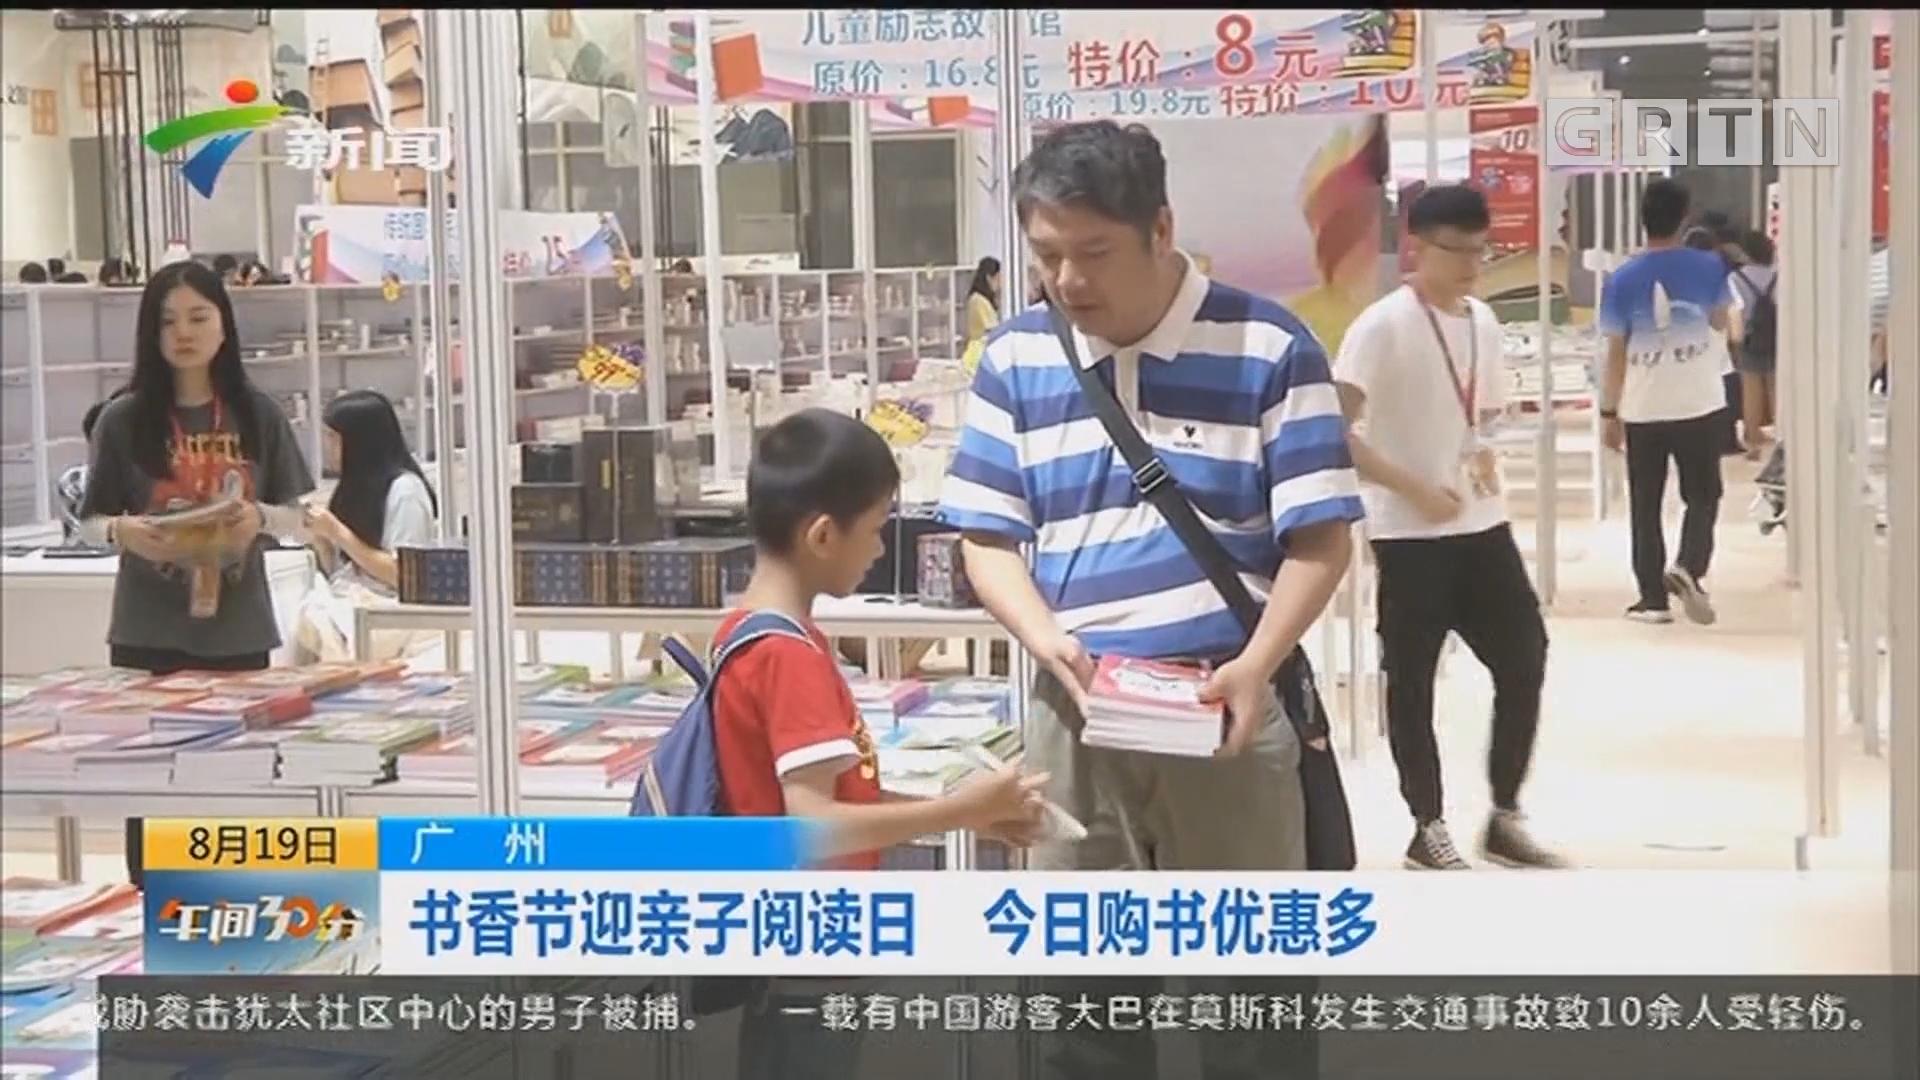 广州:书香节迎亲子阅读日 今日购书优惠多